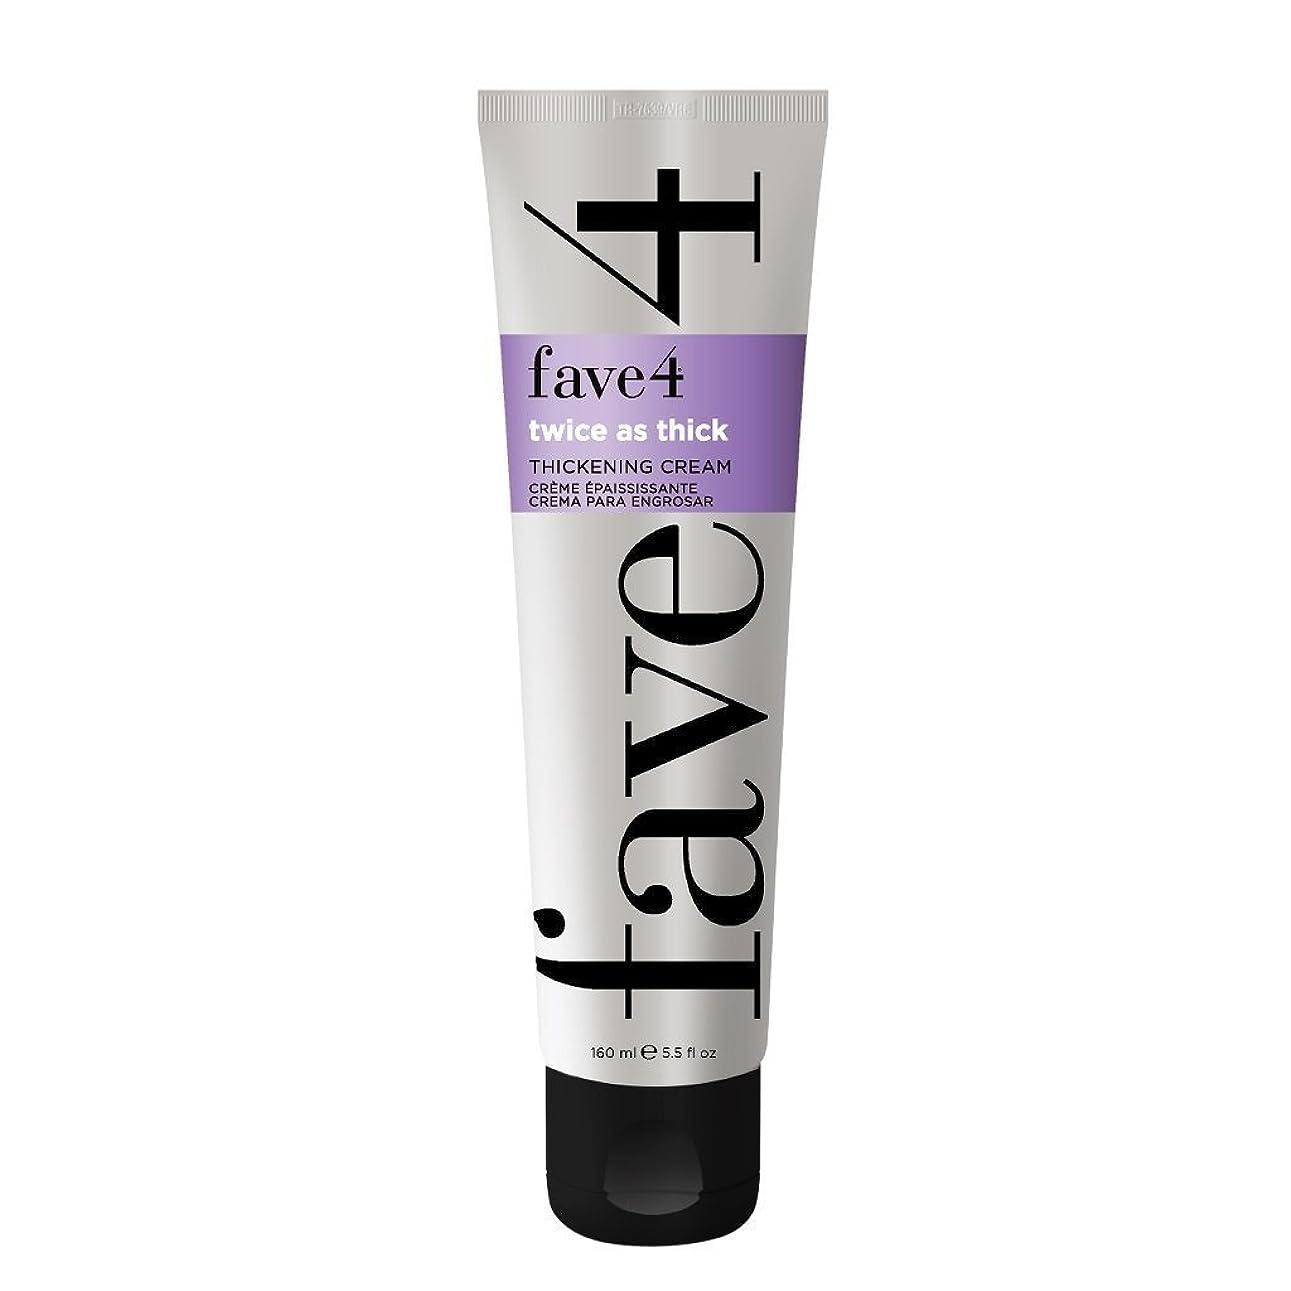 fave4 二回太い肥厚を追加しましたボリュームのためのクリームや膨満感など - 硫酸塩フリー|パラベンフリー|グルテンフリー|虐待無料|色処理した毛髪、5.5オンスのための安全な